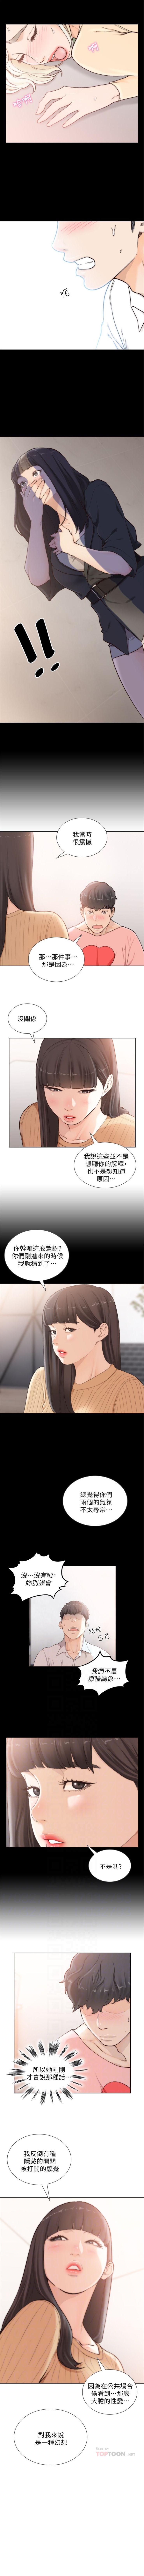 前女友 1-48 中文翻译(更新中) 231